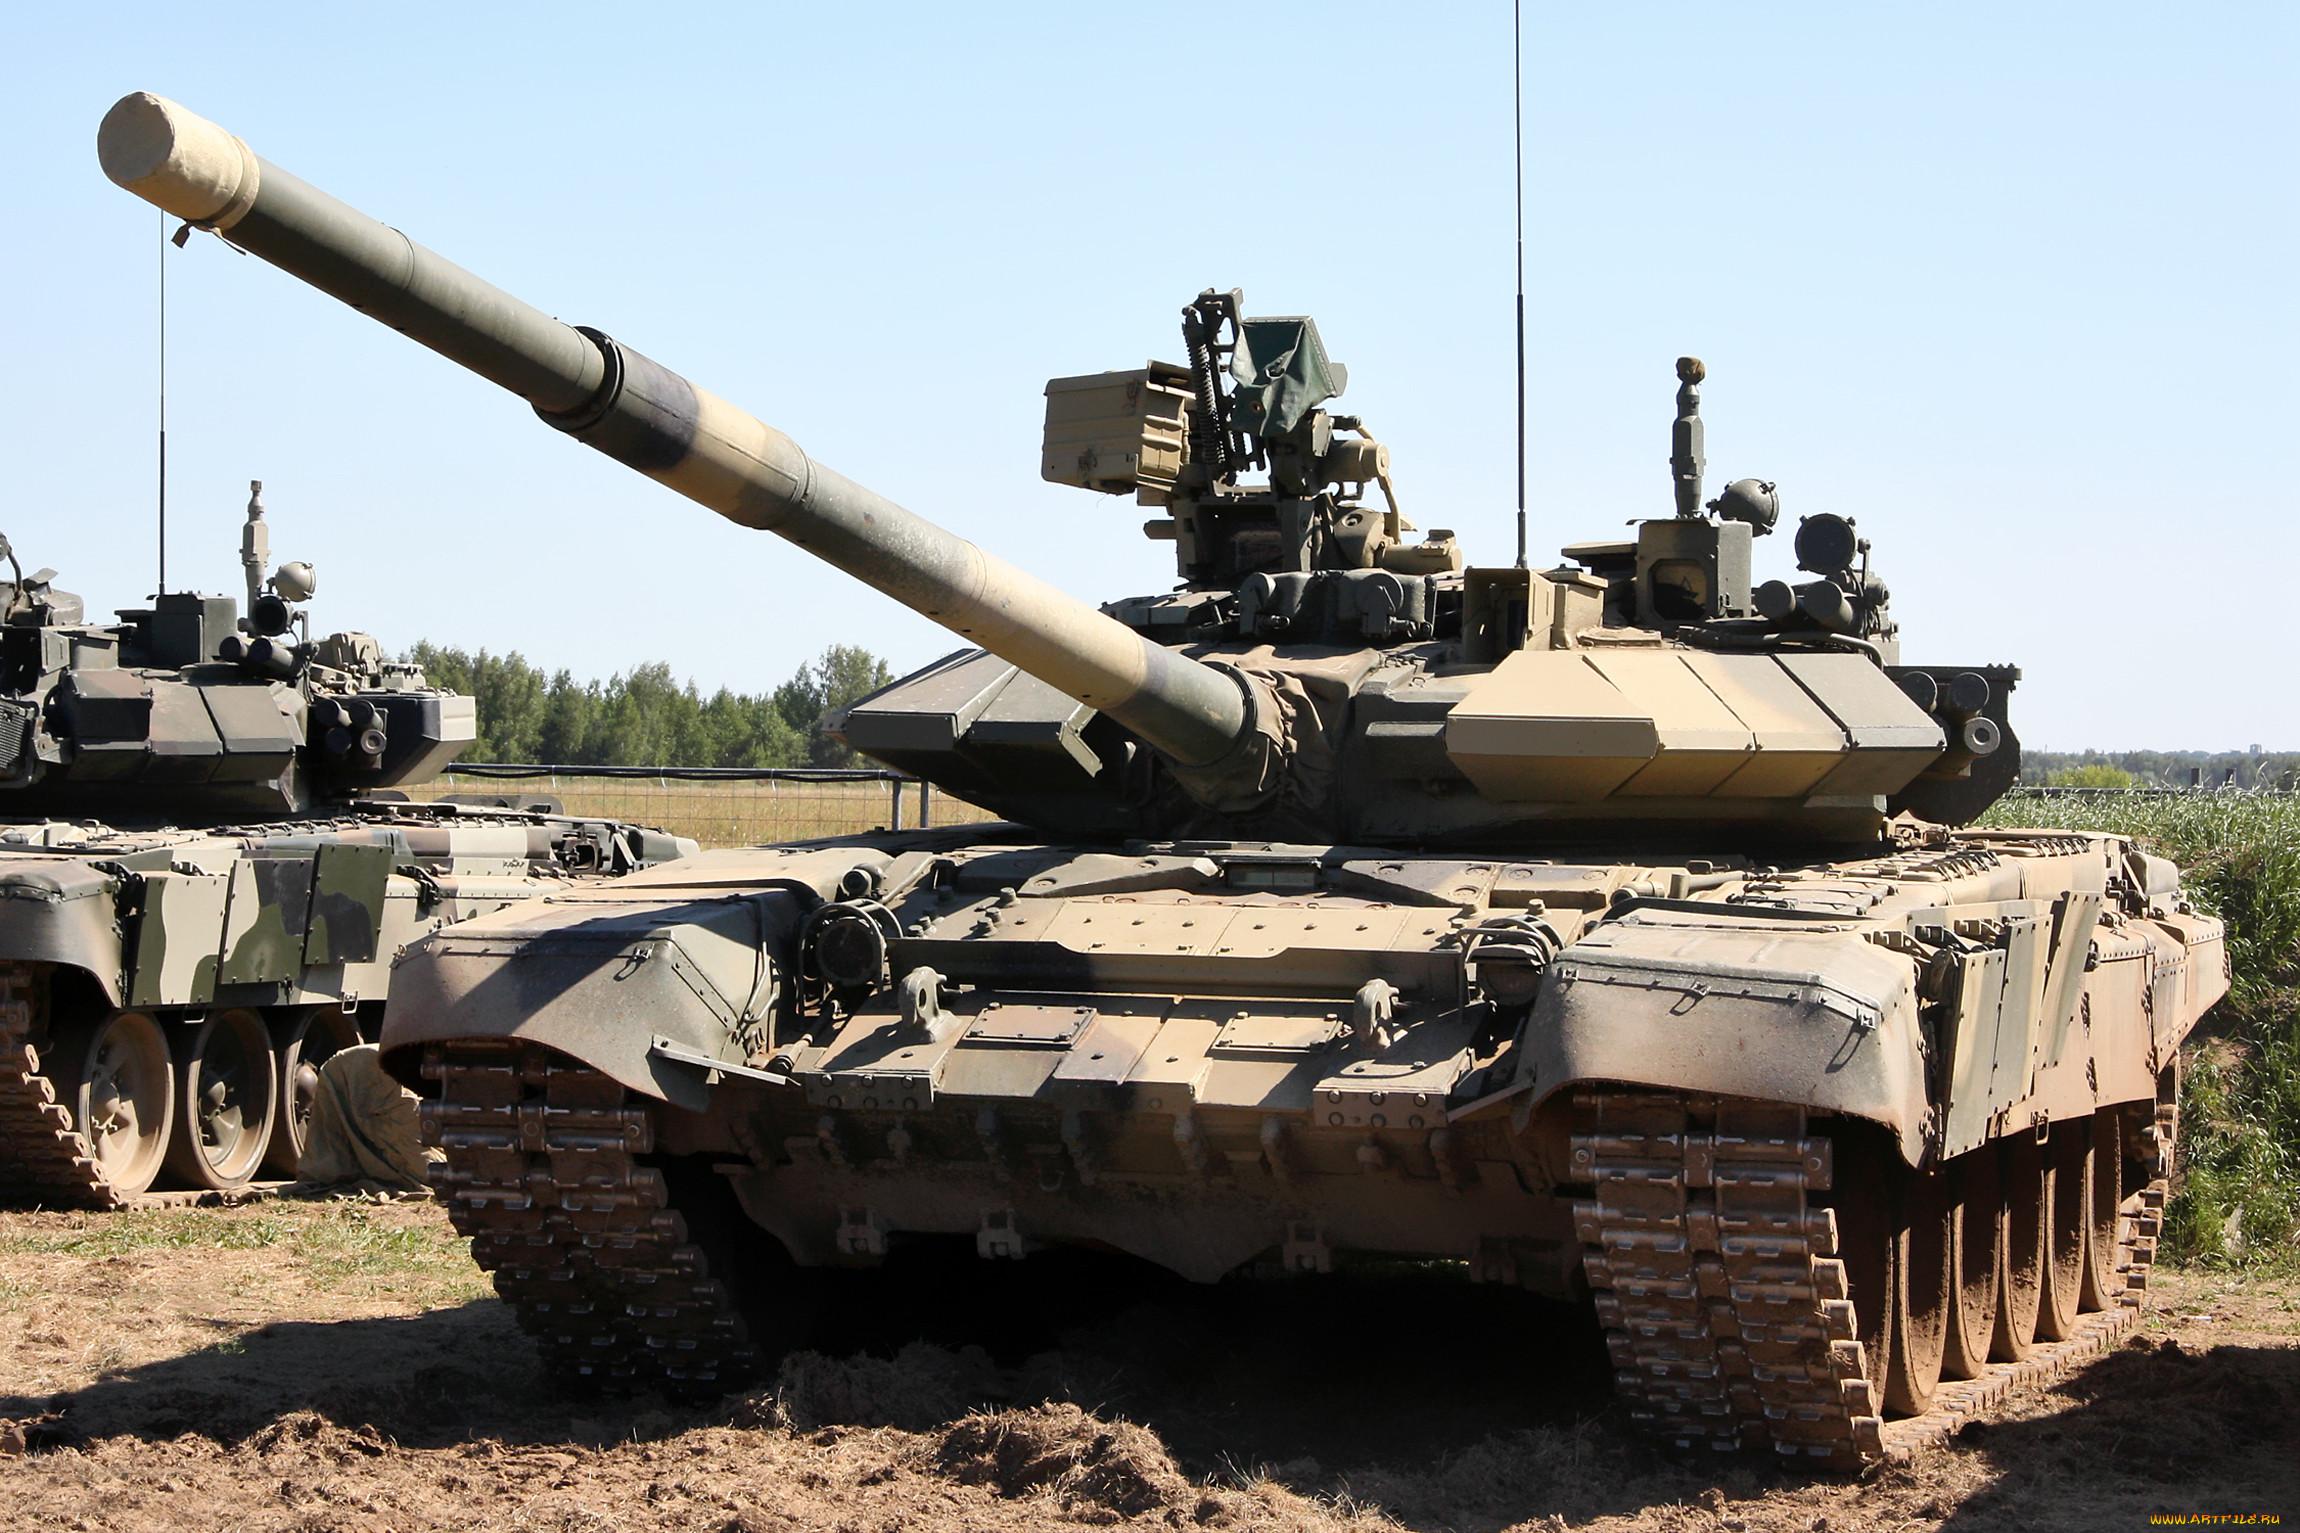 целом, фото военной техники высокого разрешения многие